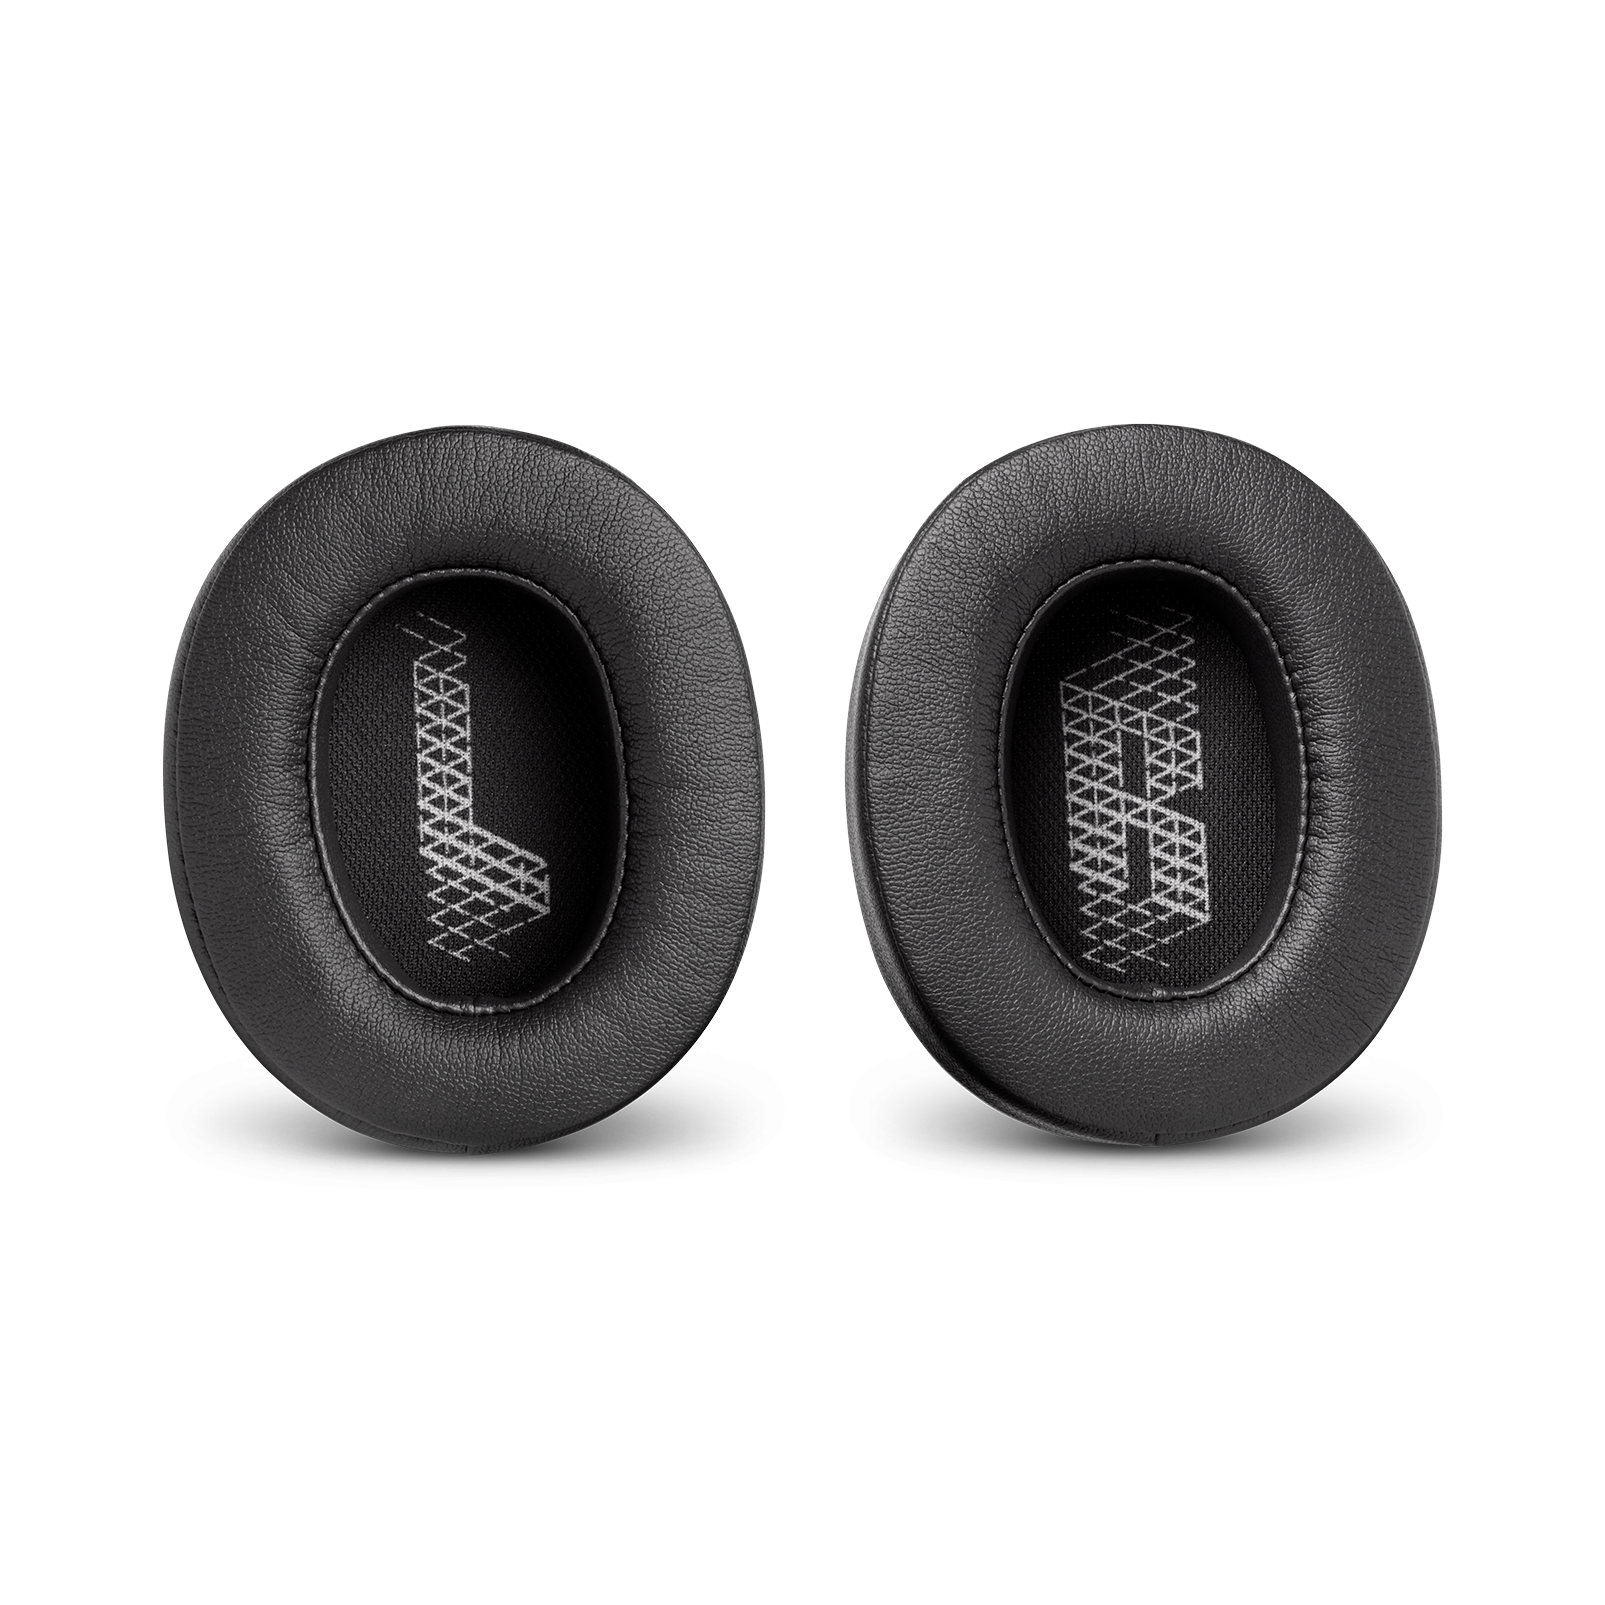 JBL LIVE 500BT - Black - Your Sound, Unplugged - Detailshot 6